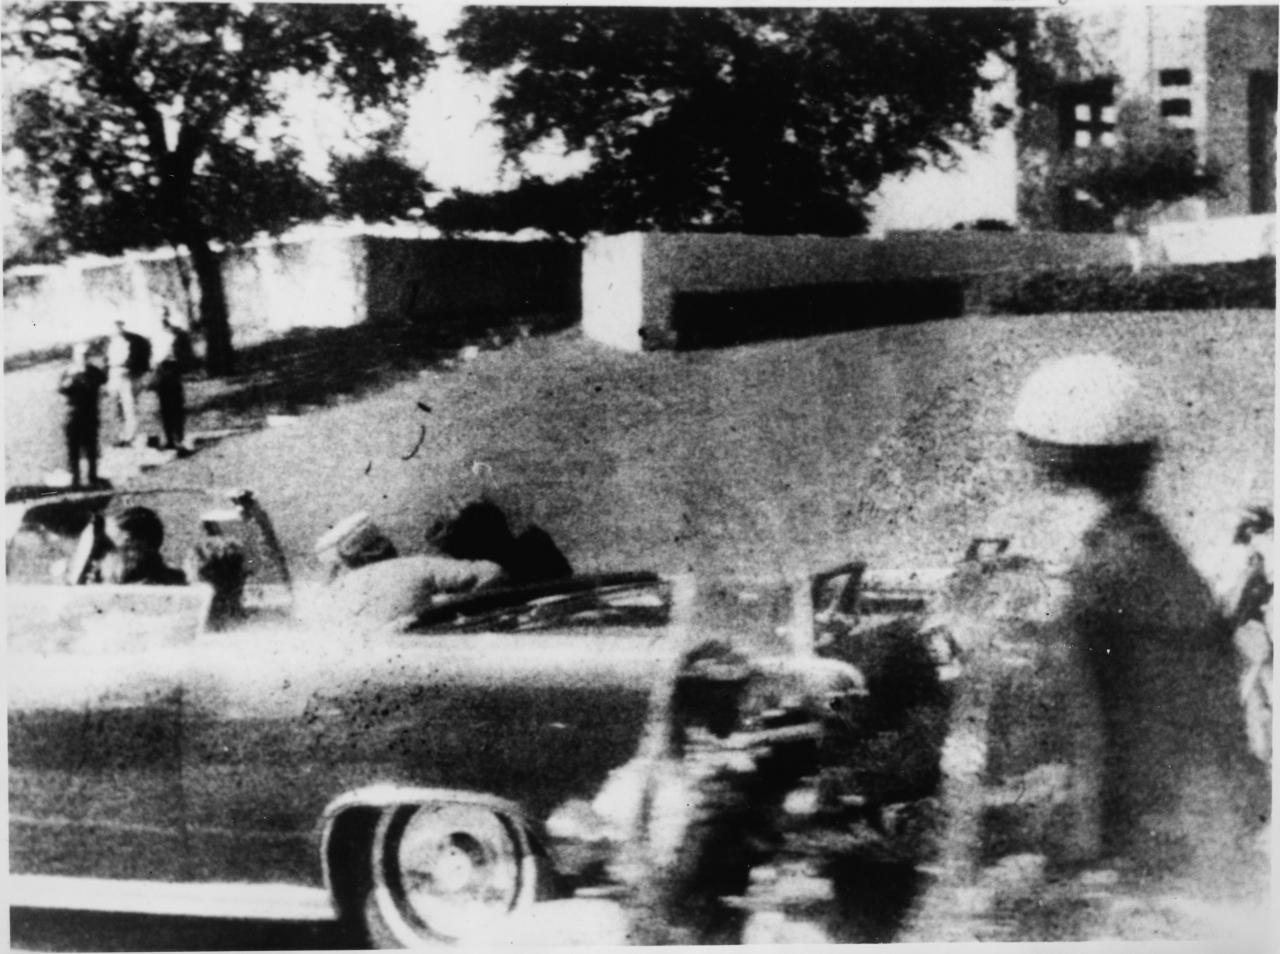 Momento del asesinato de John F. Kennedy en Dallas el 22 de noviembre de 1963. Fotografía de Archivo.